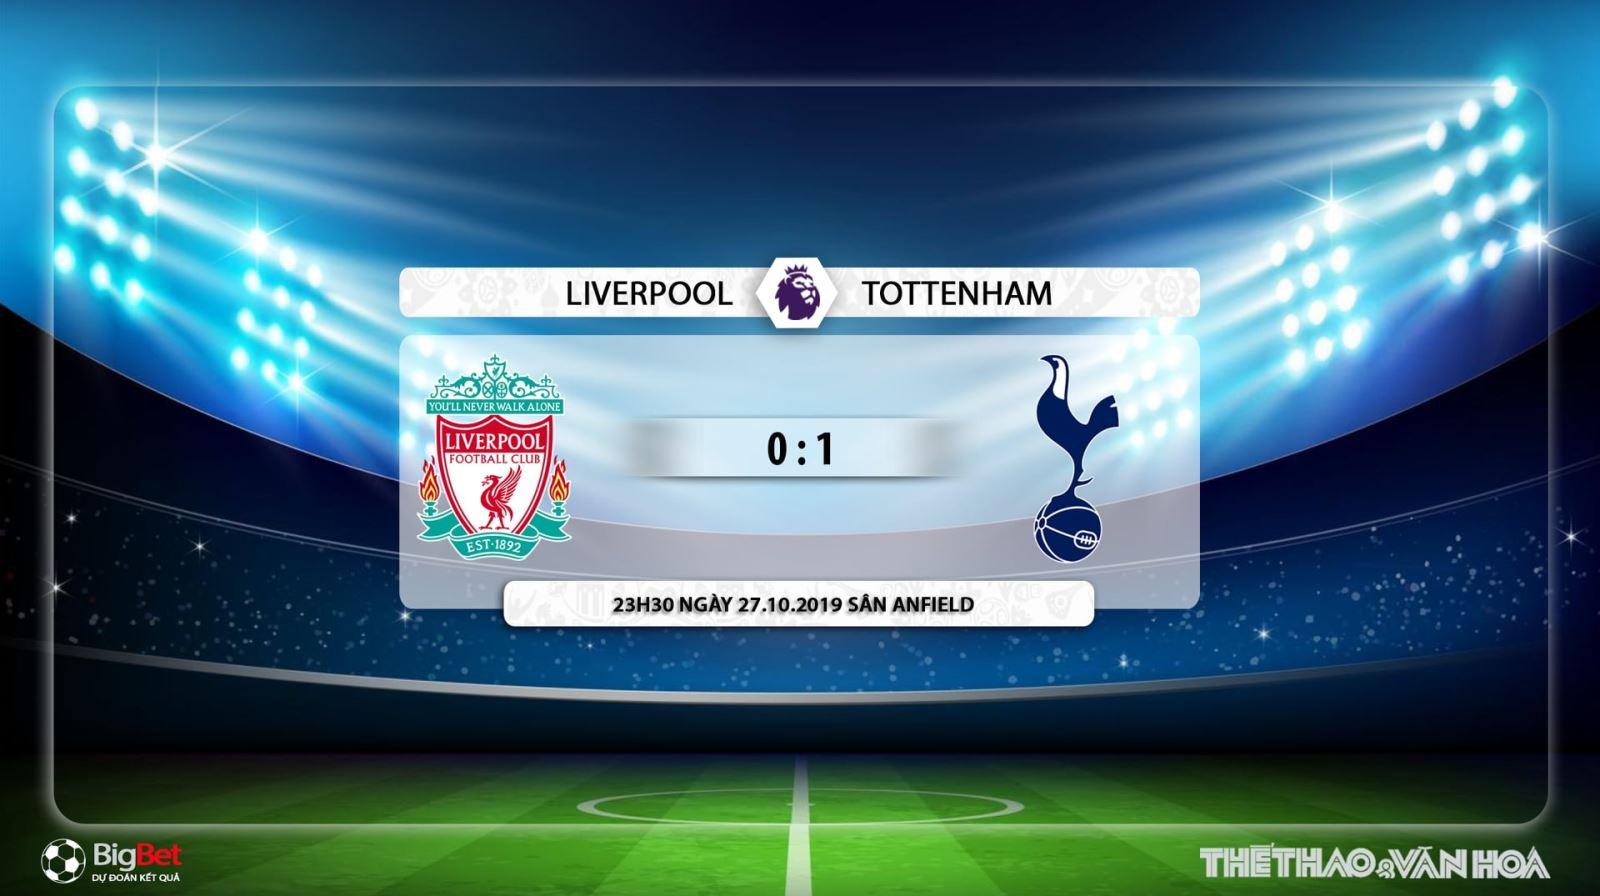 soi kèo bóng đá, Liverpool vs Tottenham, truc tiep bong da hôm nay, Liverpool đấu với Tottenham, trực tiếp bóng đá, K+, K+PM, K+PC, xem bóng đá trực tuyến, bóng đá